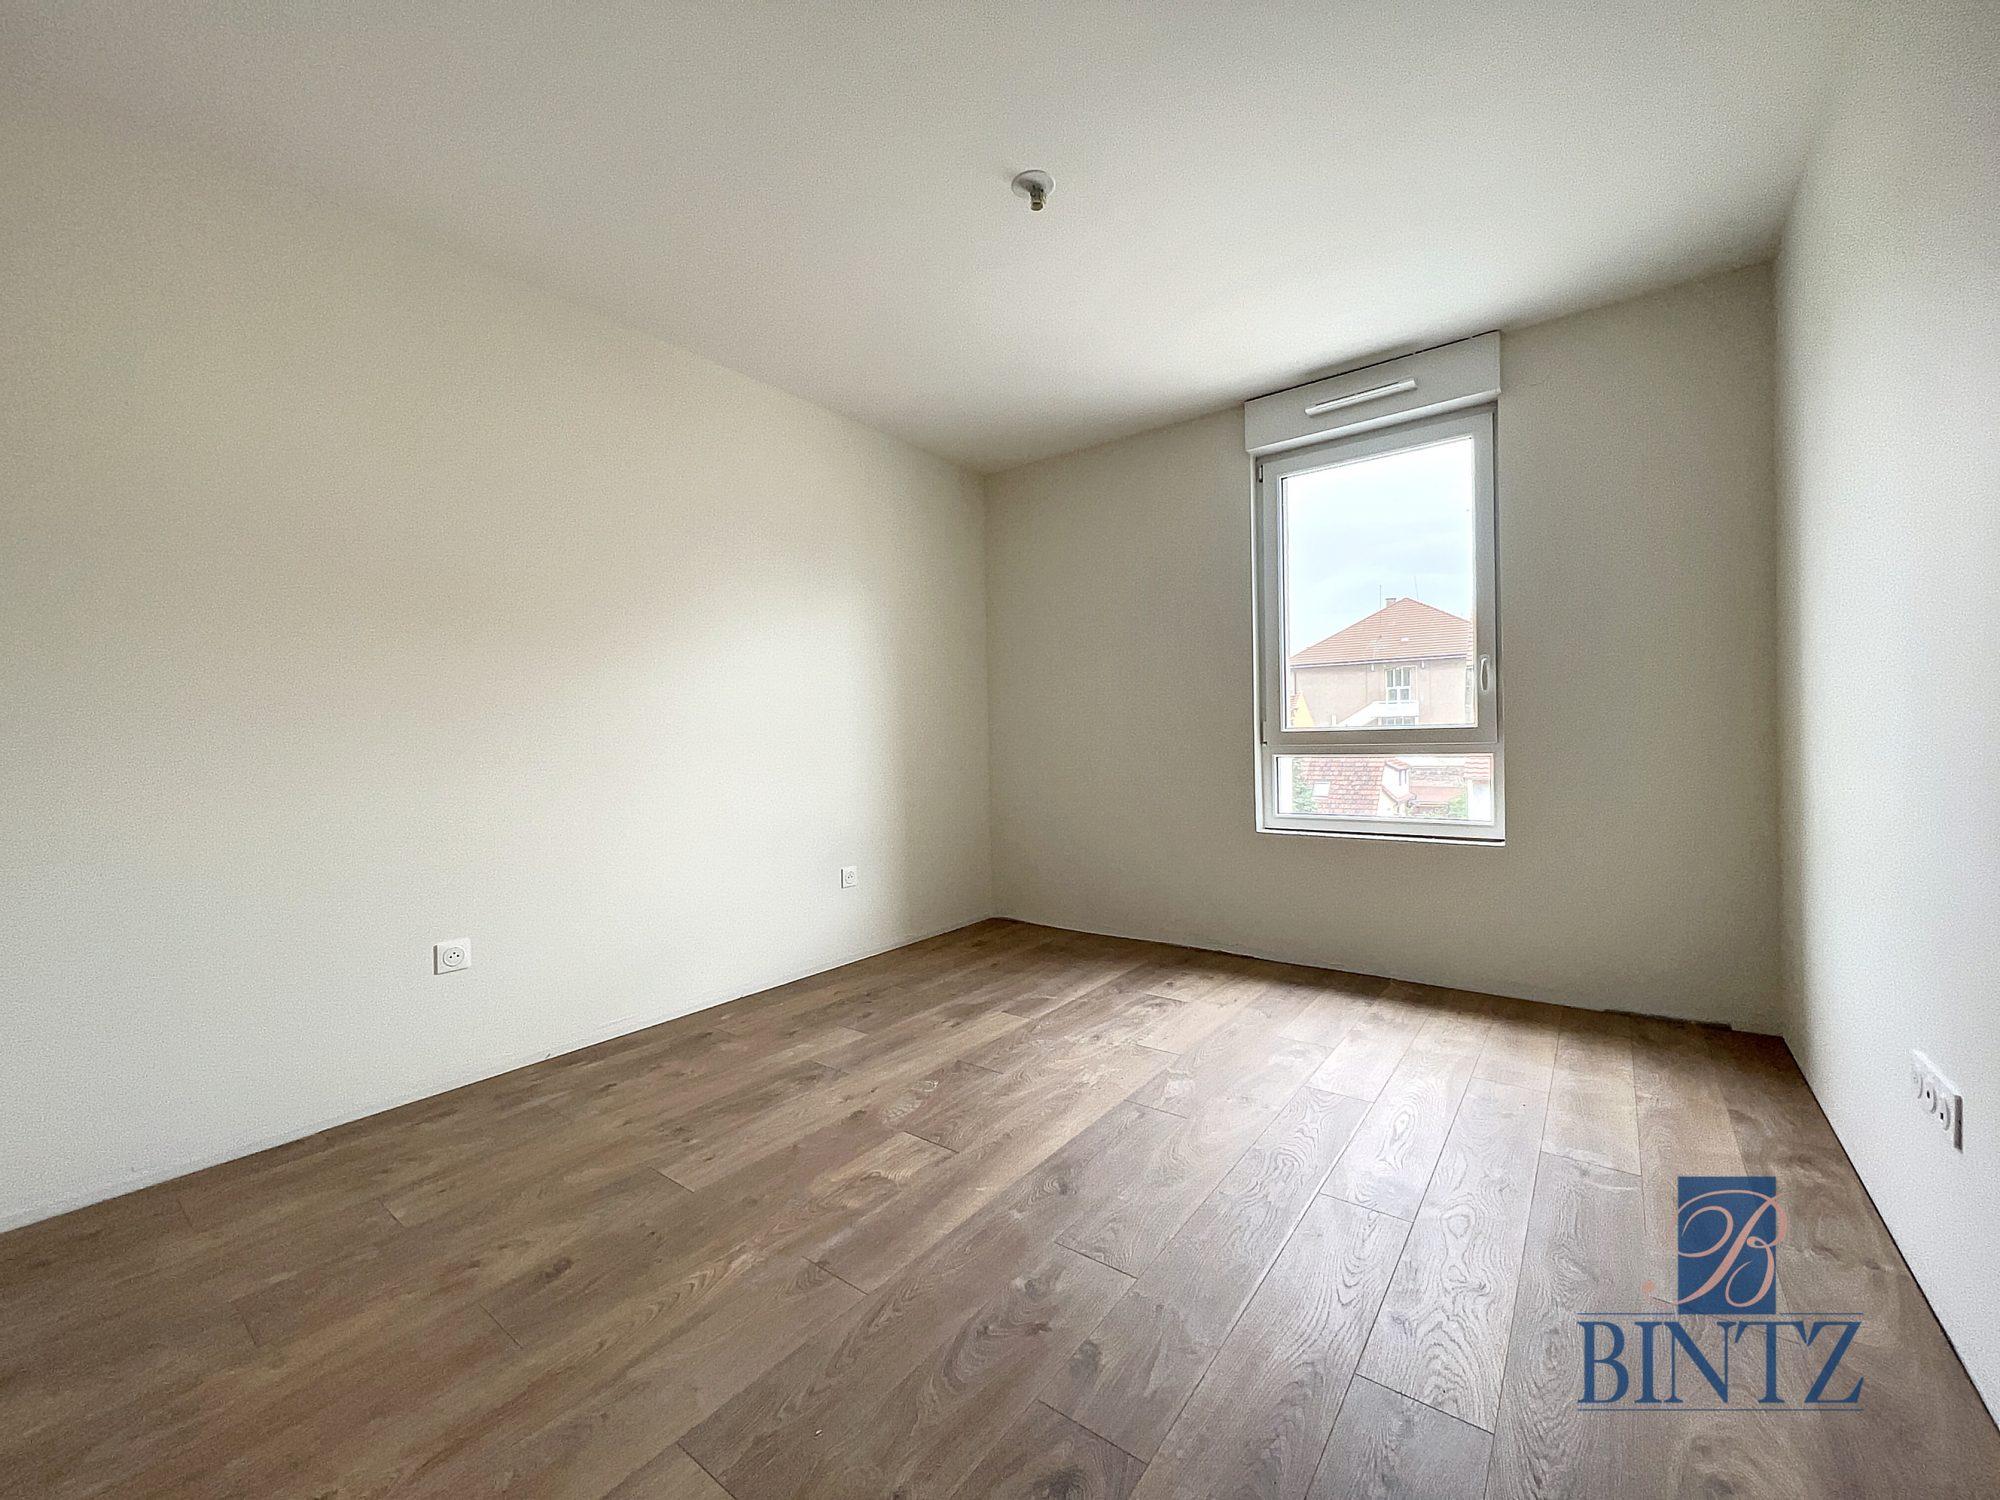 T4/5 DANS IMMEULE NEUF AVEC BALCON - Devenez propriétaire en toute confiance - Bintz Immobilier - 10